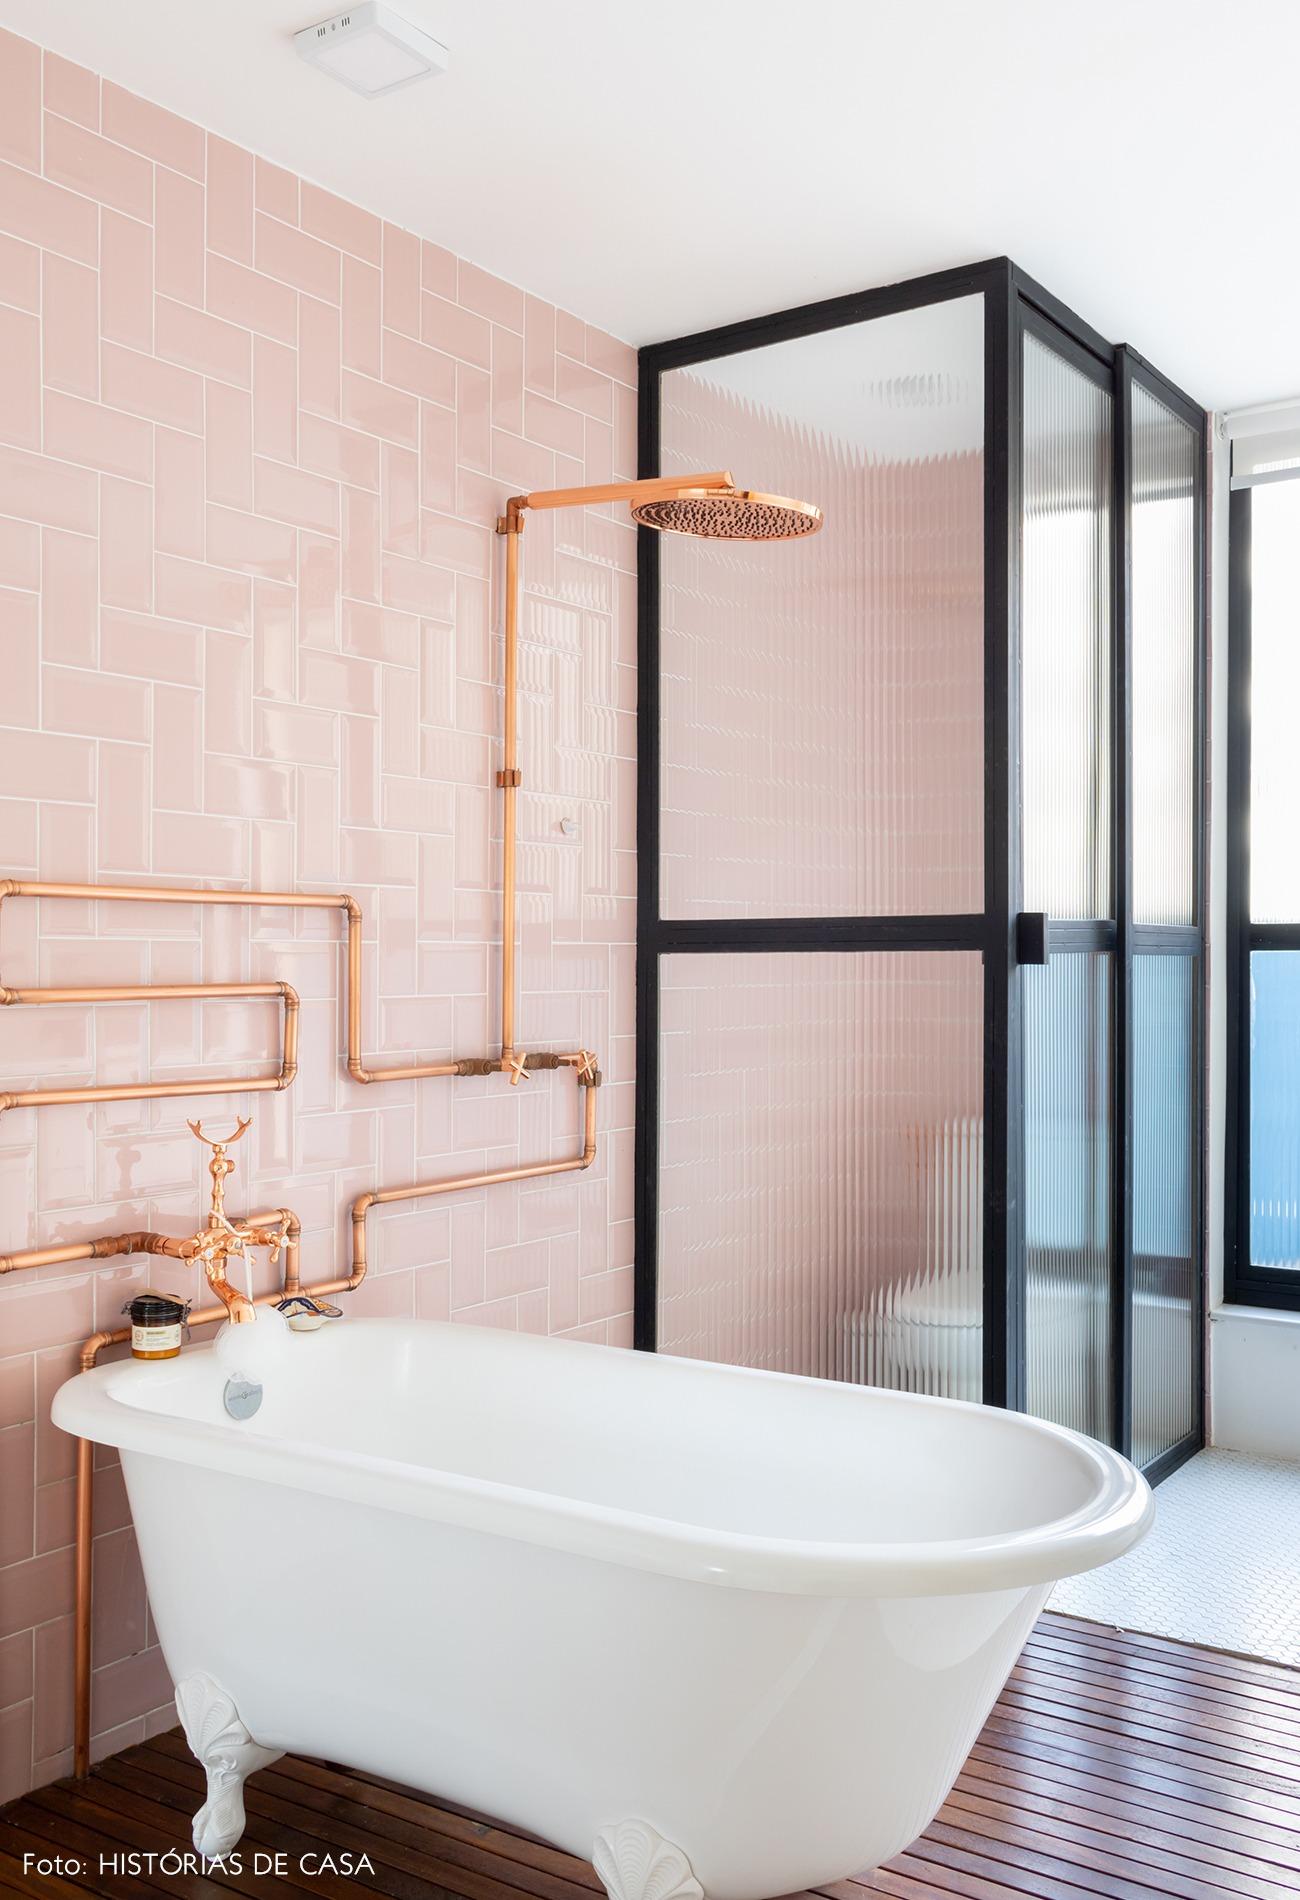 banheiro-parede-rosa-canos-cobre-banheira-branca